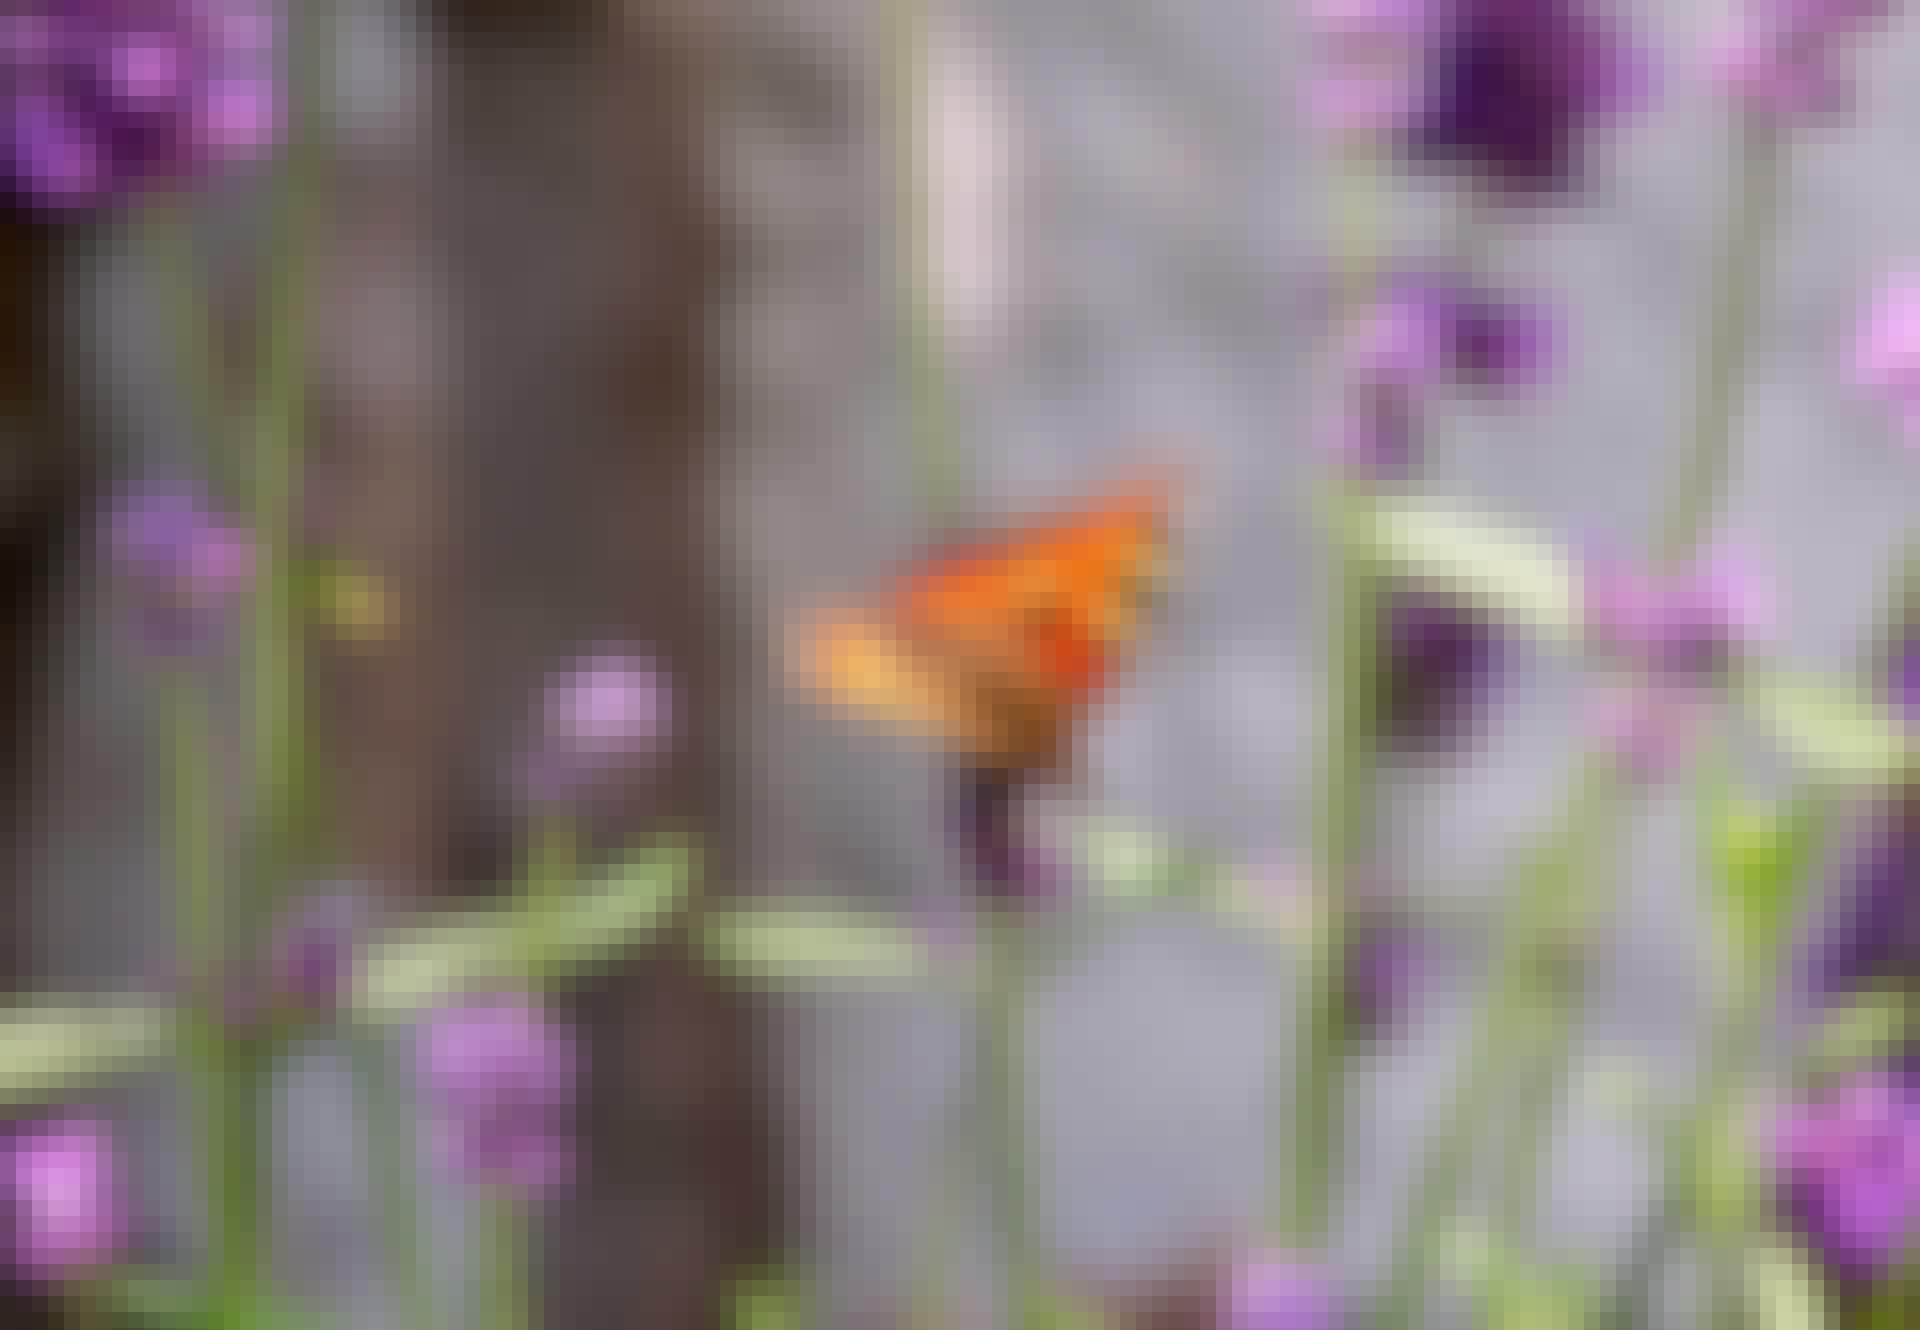 Fjärilar i Sverige – fjäril sitter på en blomma